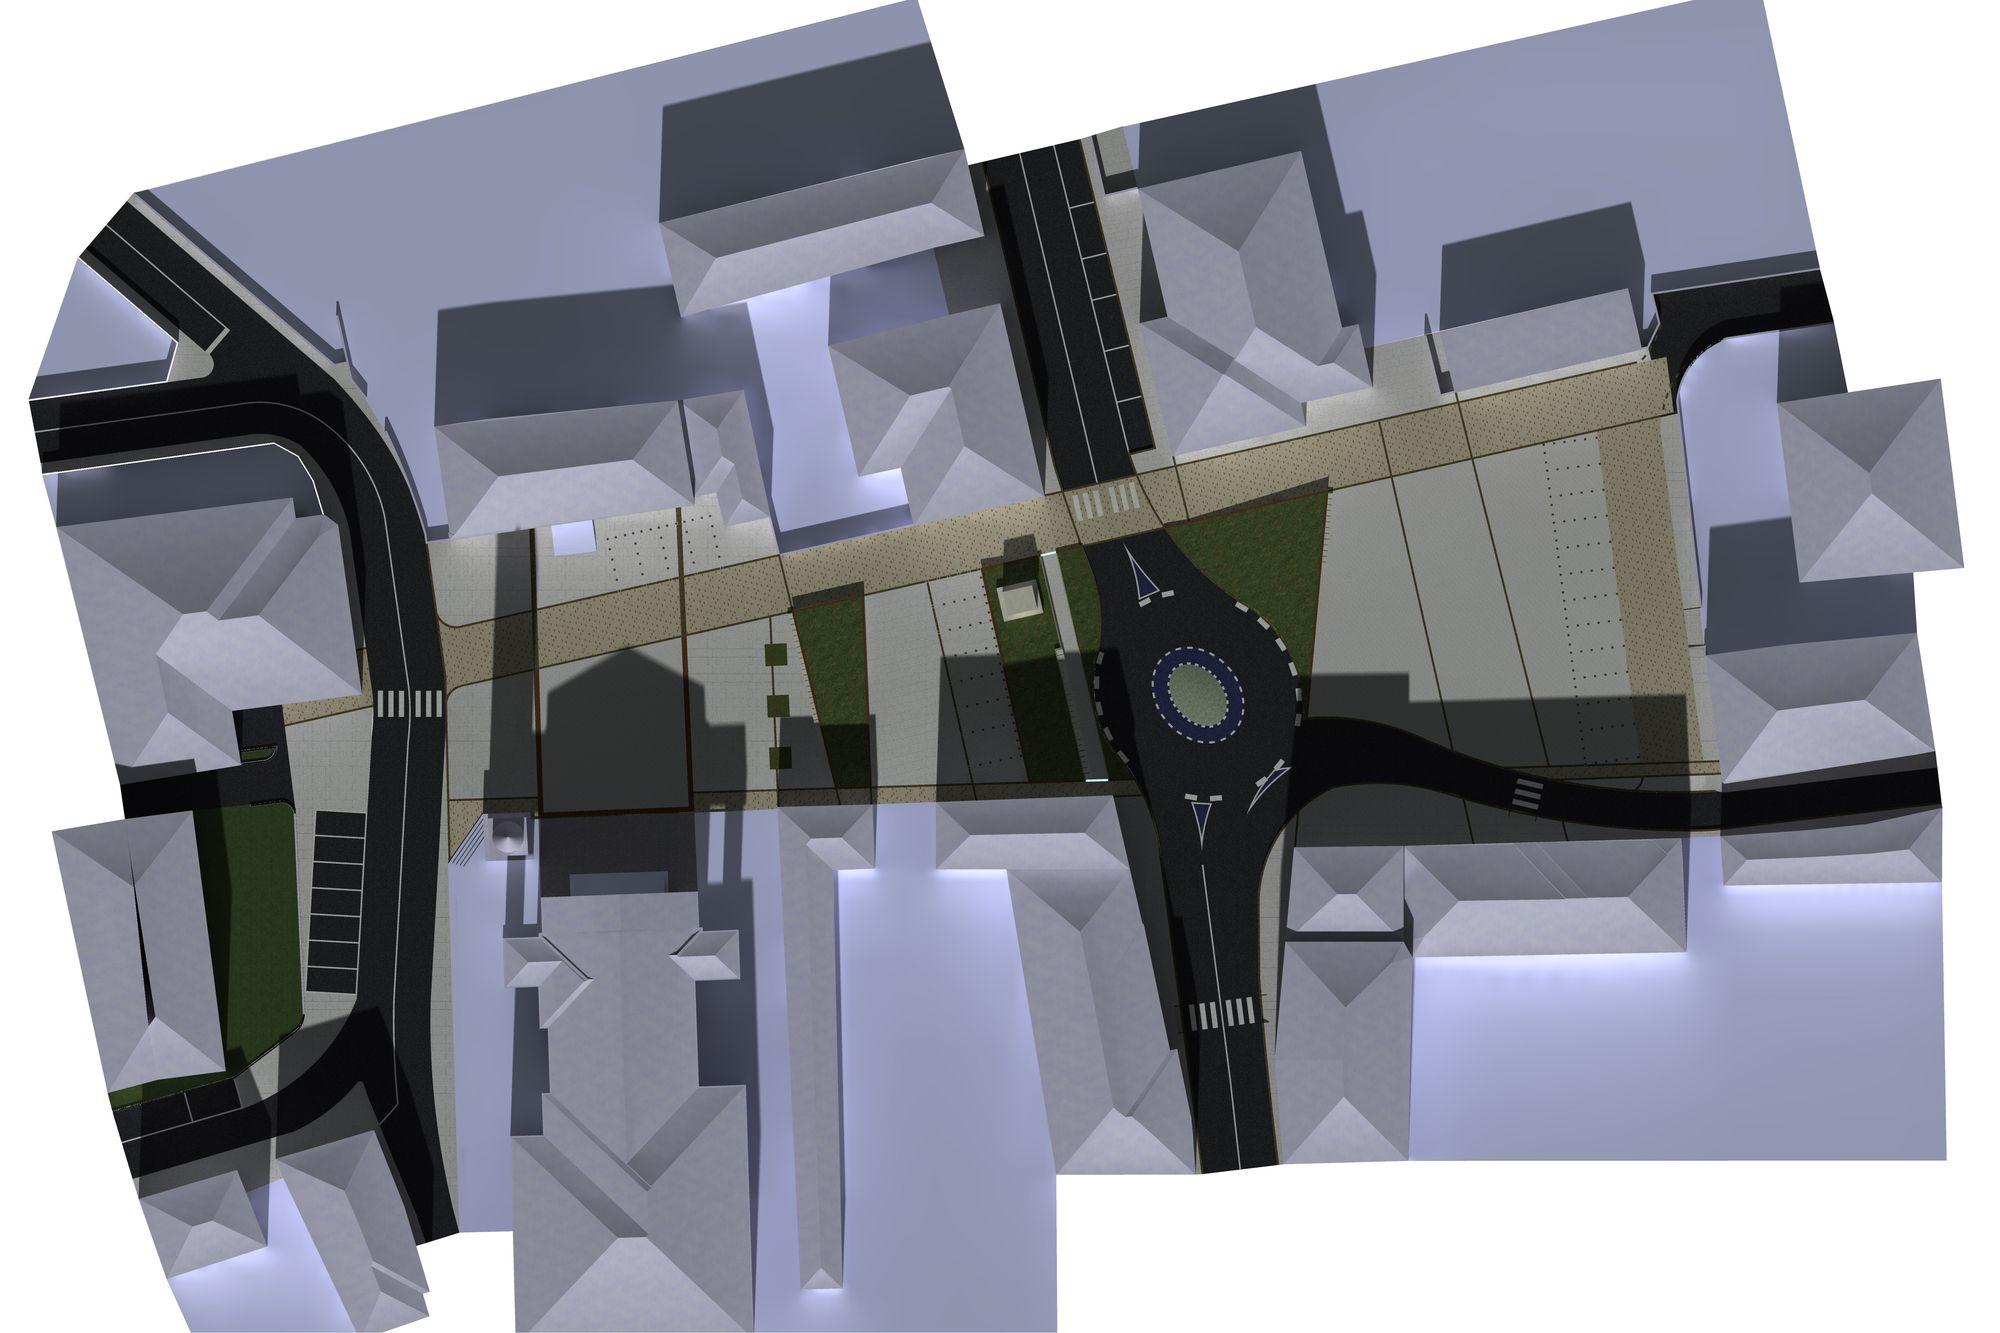 Vista parallela nicoladesign urbanistica